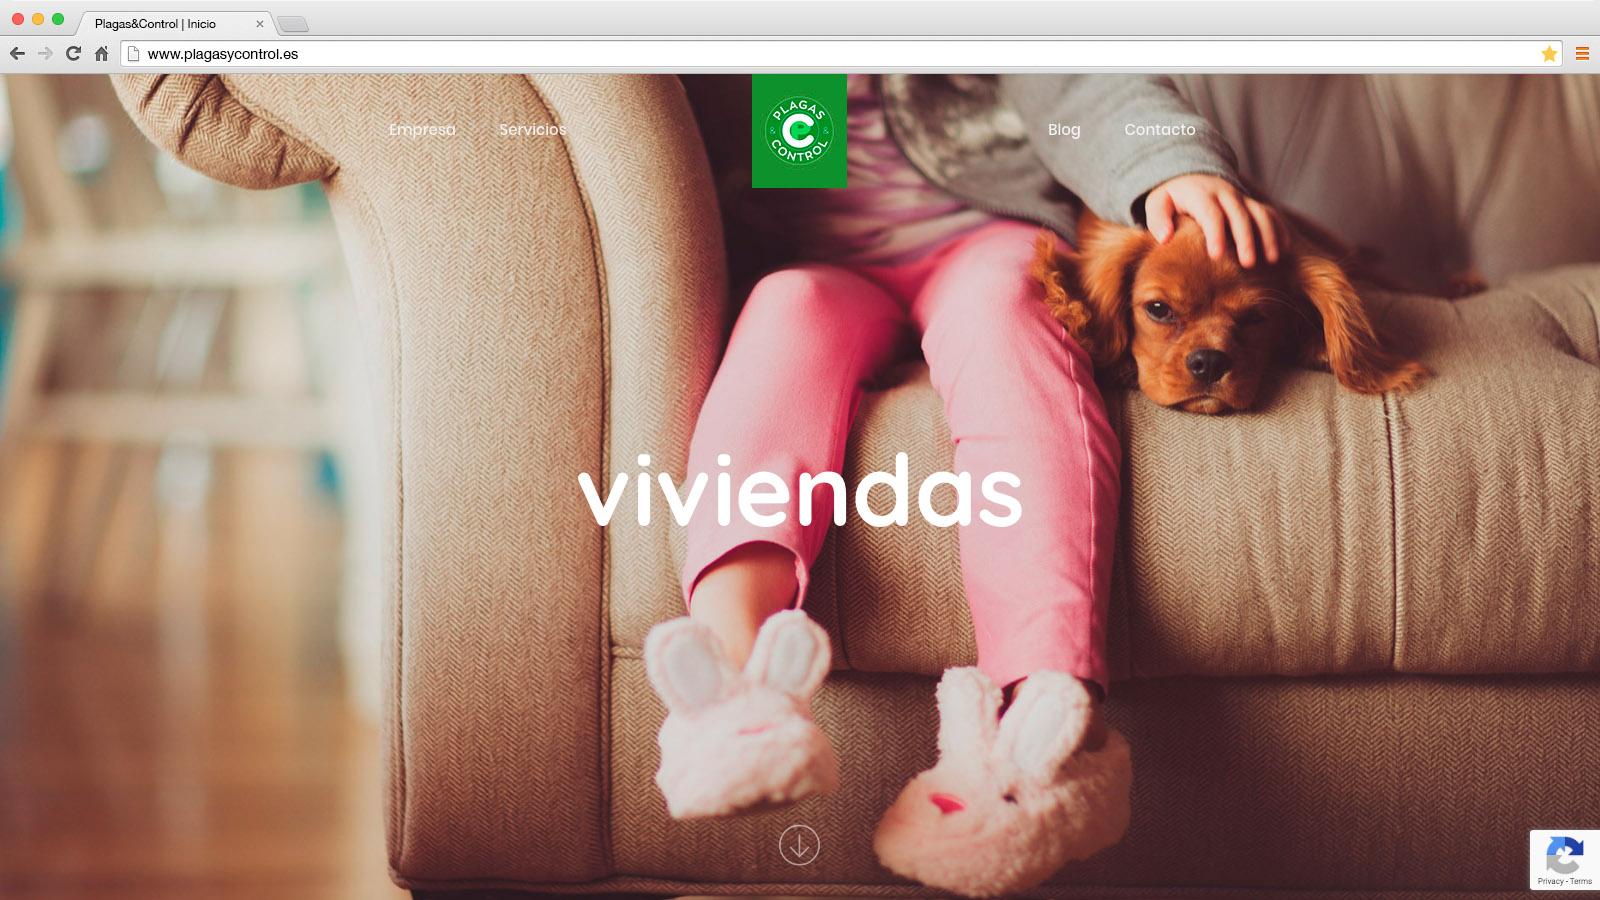 Website Plagas & Control - víctor merino | vídeo marketing online